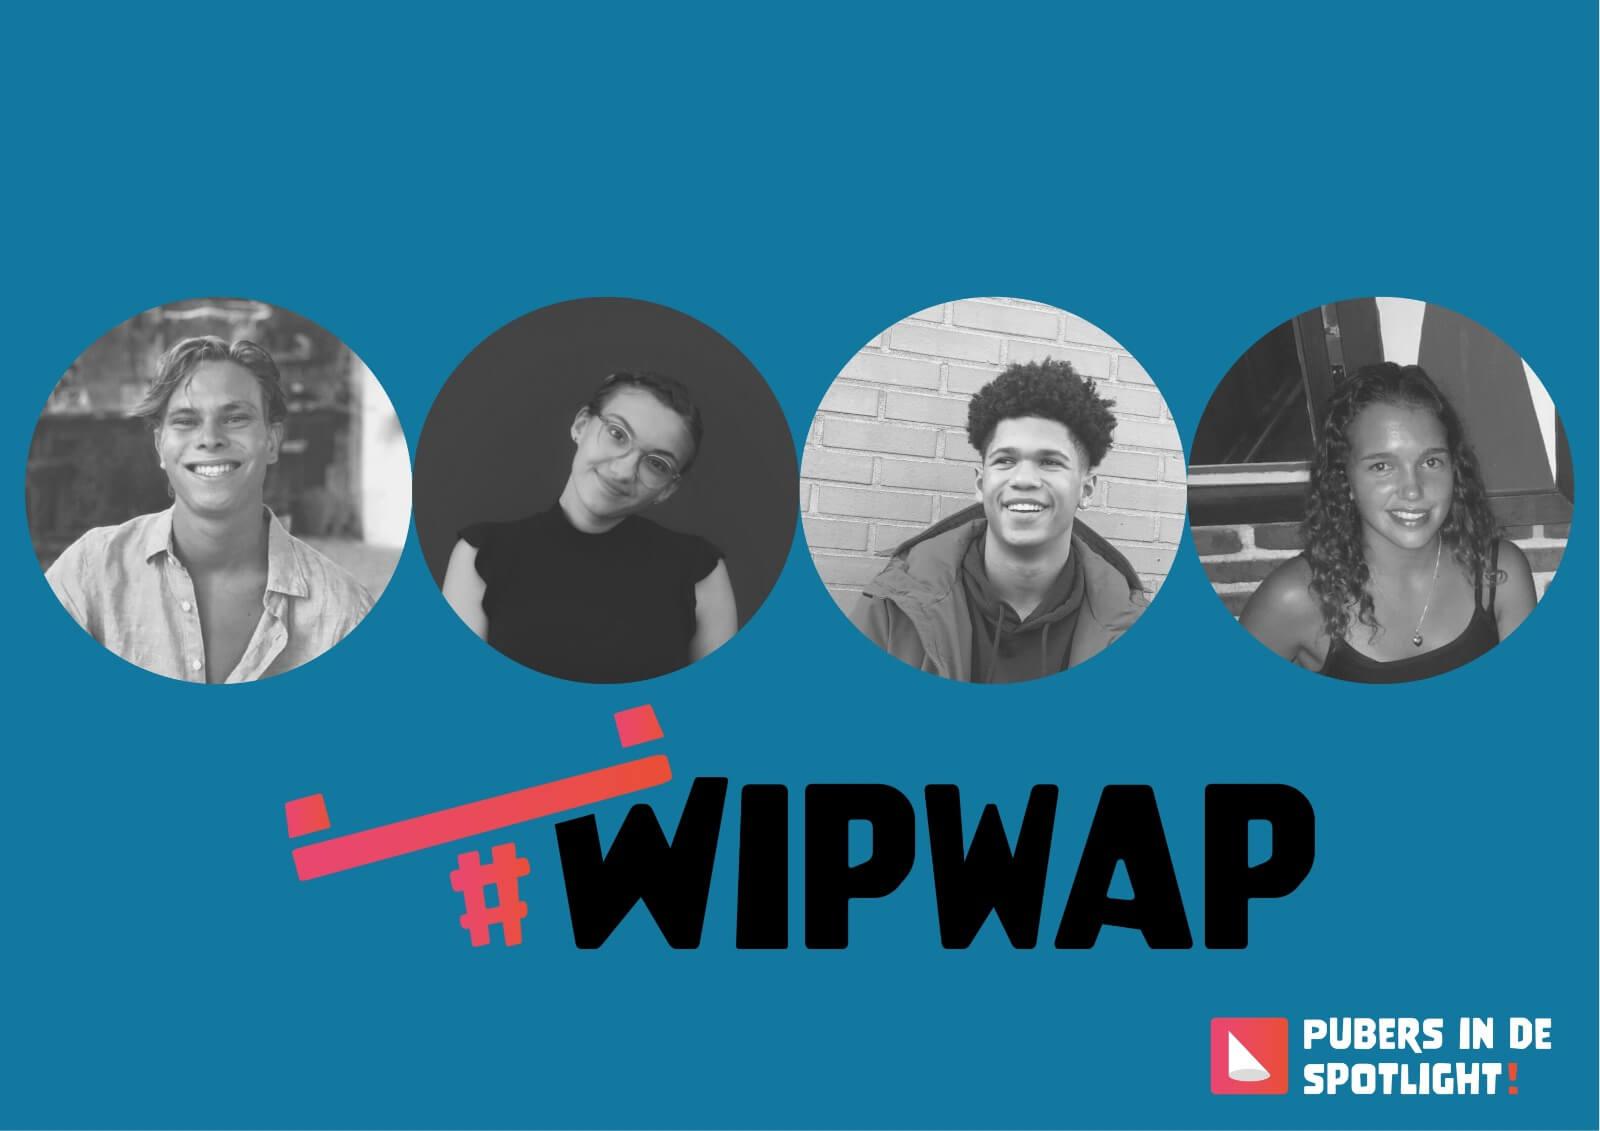 WipWap, jongeren in de spotlight